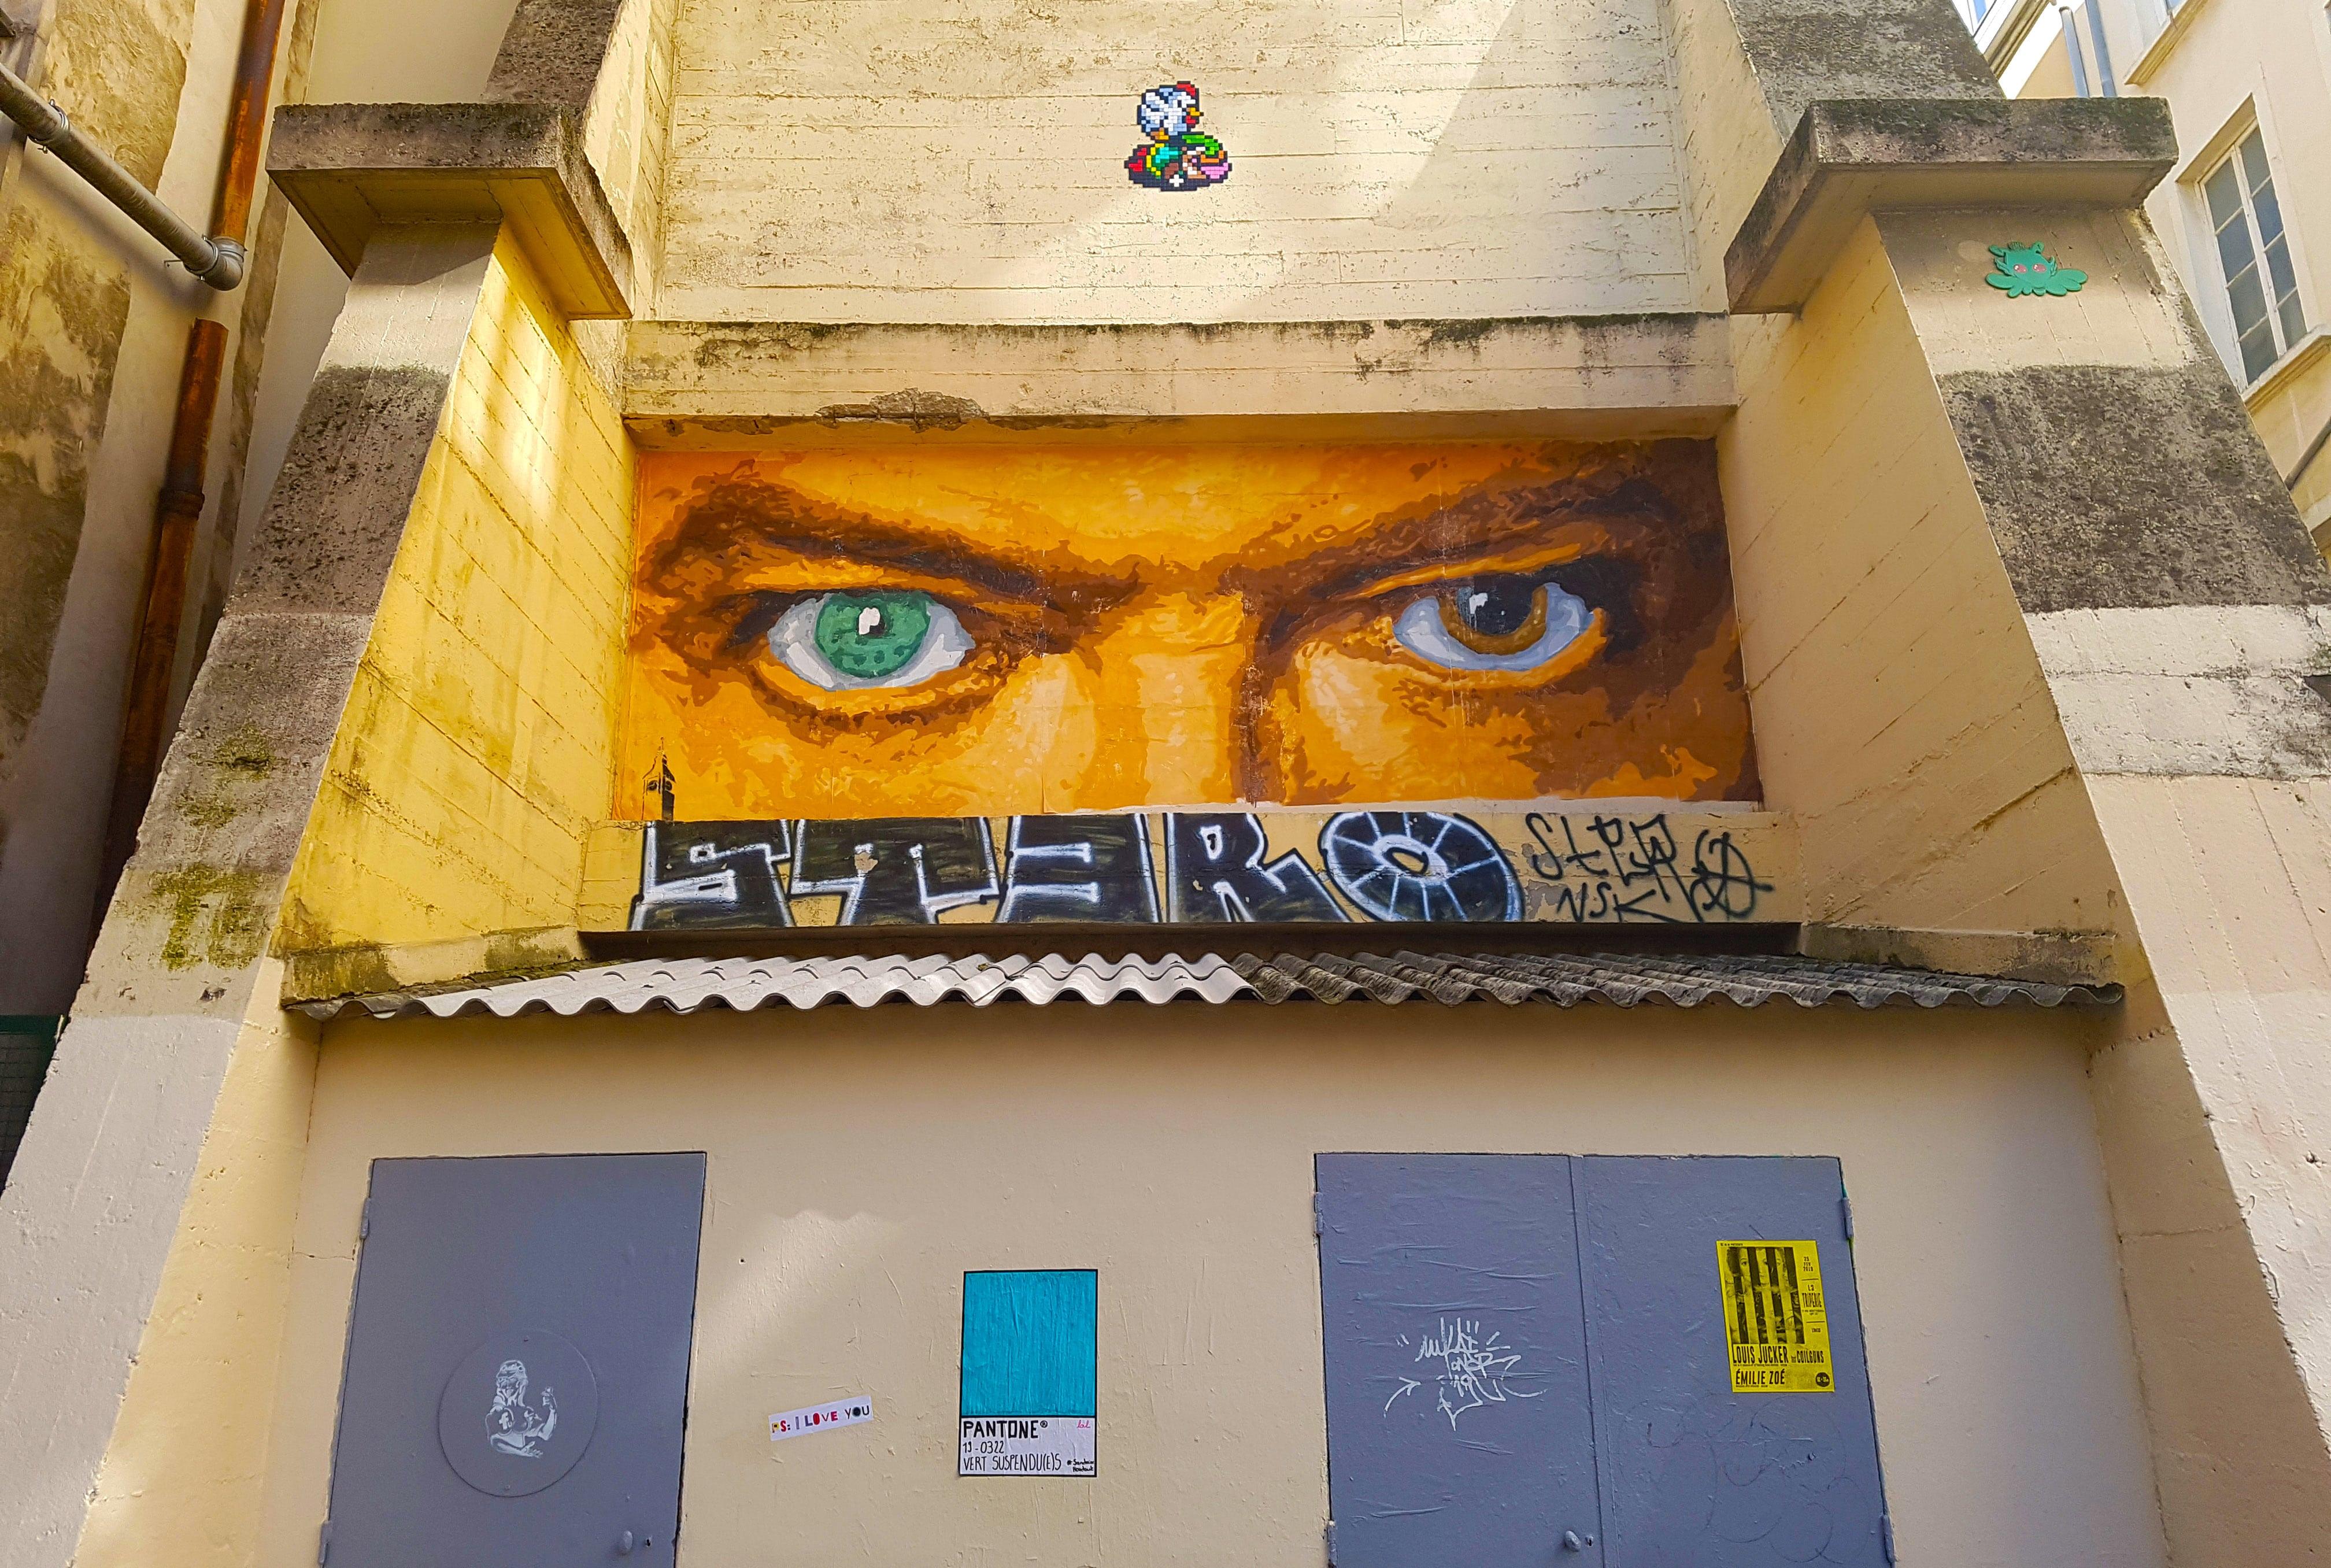 Les yeux de David Bowie par Big Ben, rue Neyret à la Croix Rousse, Lyon